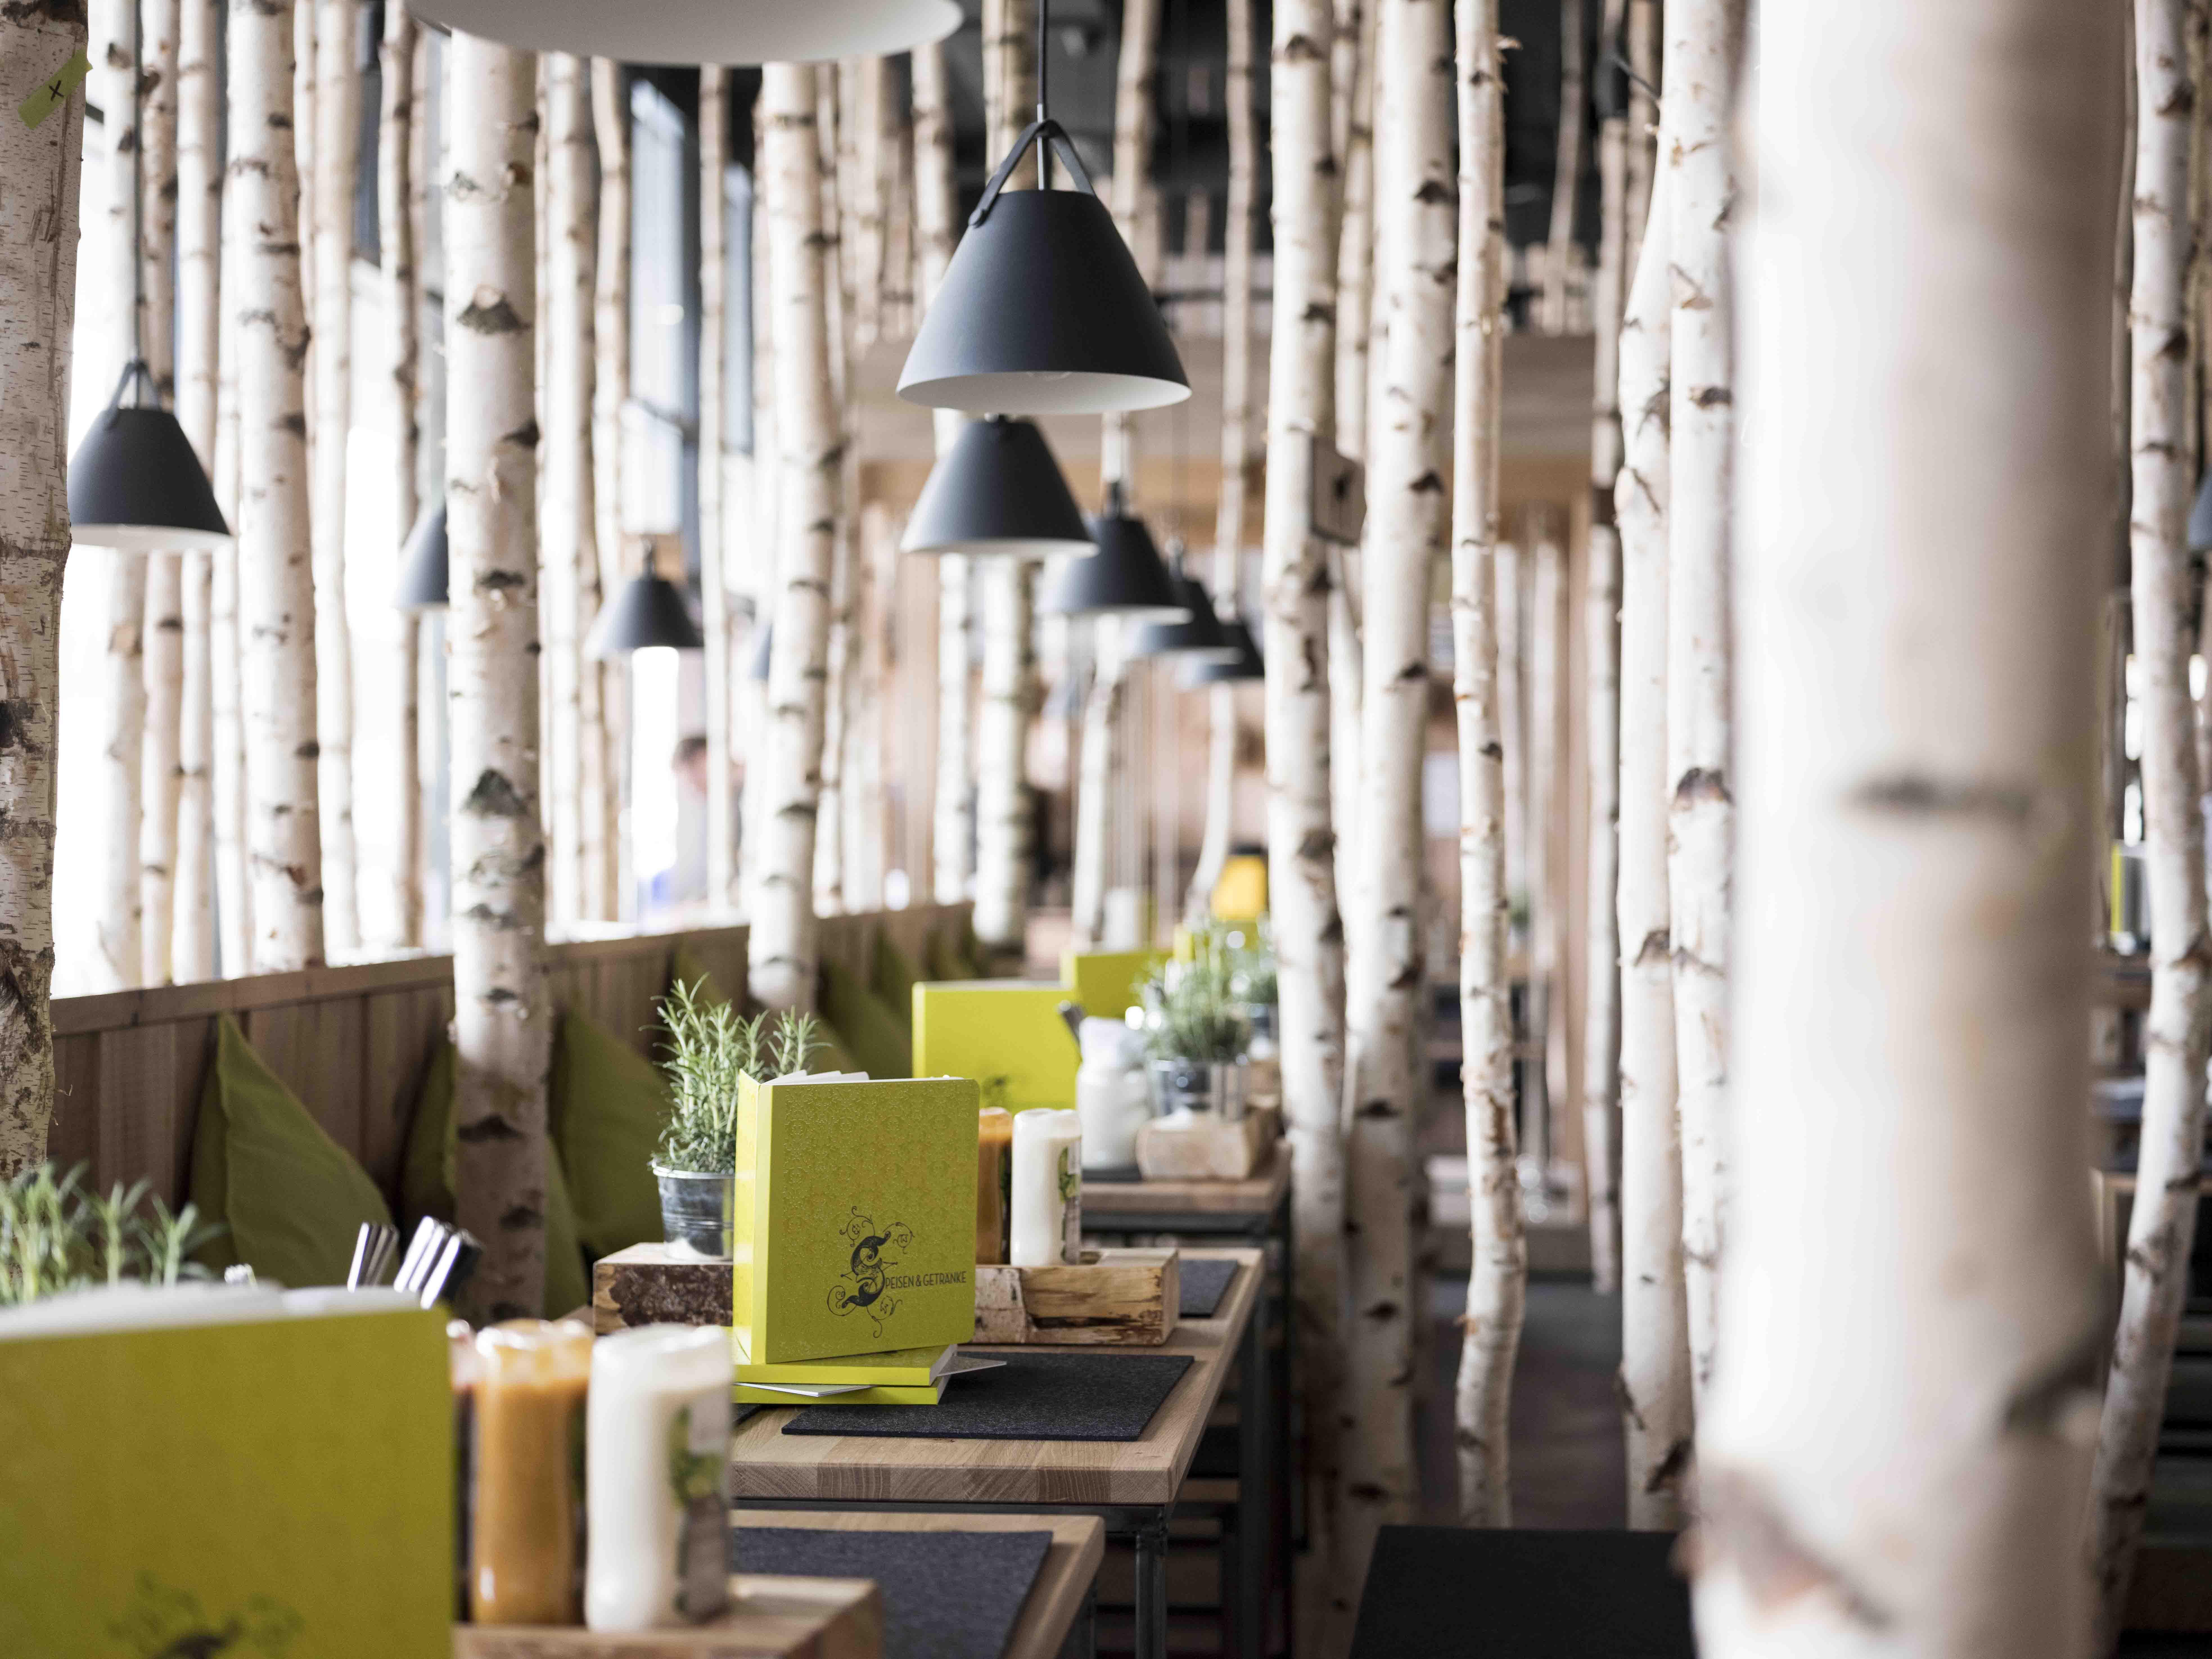 Gastronomie-Franchise-System Hans im Glück wächst weiter